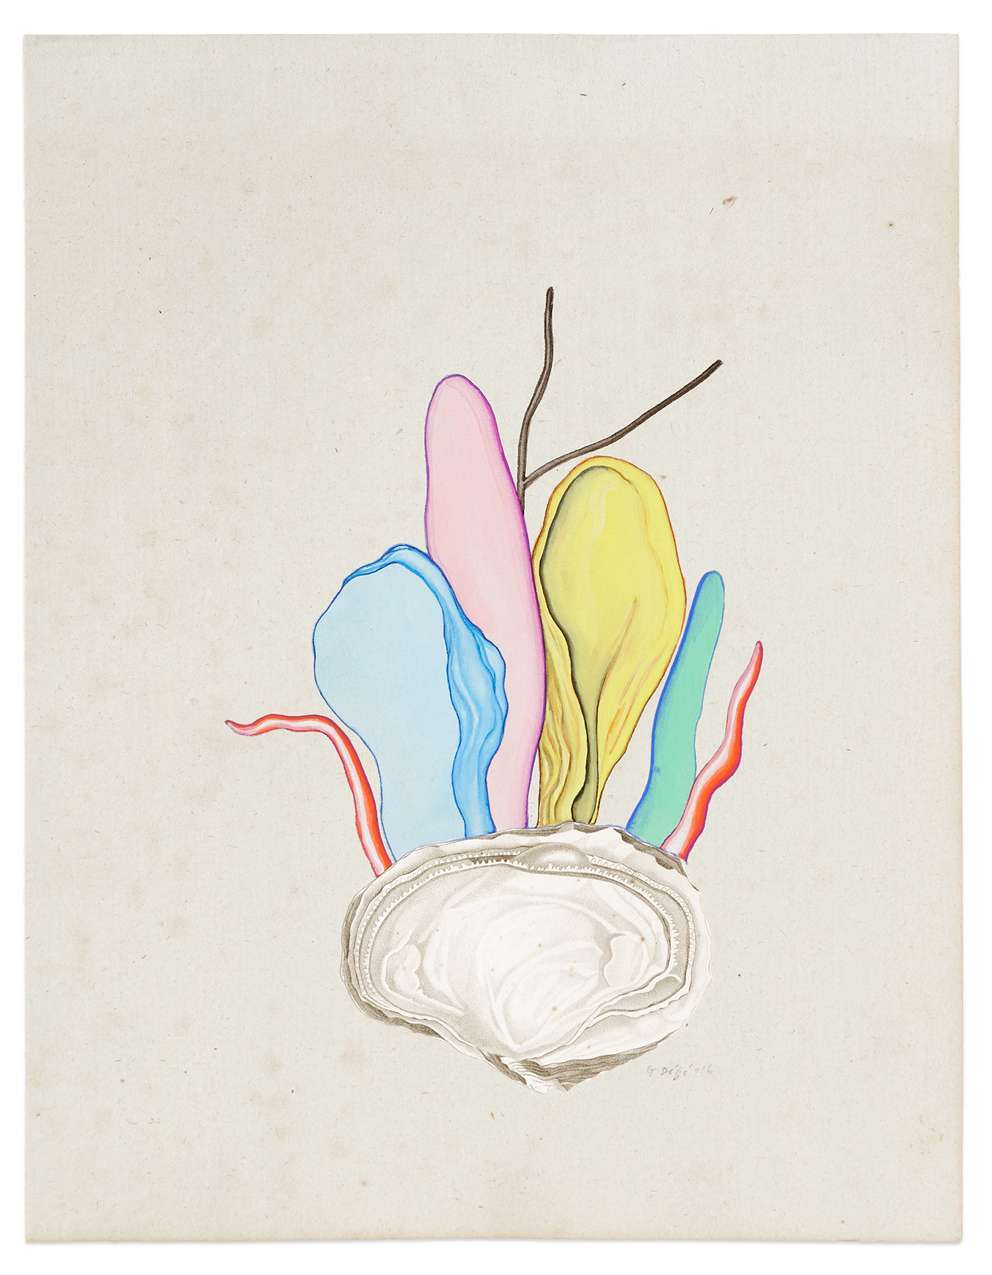 Guillaume Dégé, Sans titre, 2016 Gouache et collage sur papier XVIIIe25 × 19 cm / 9 7/8 × 7 1/2 in.